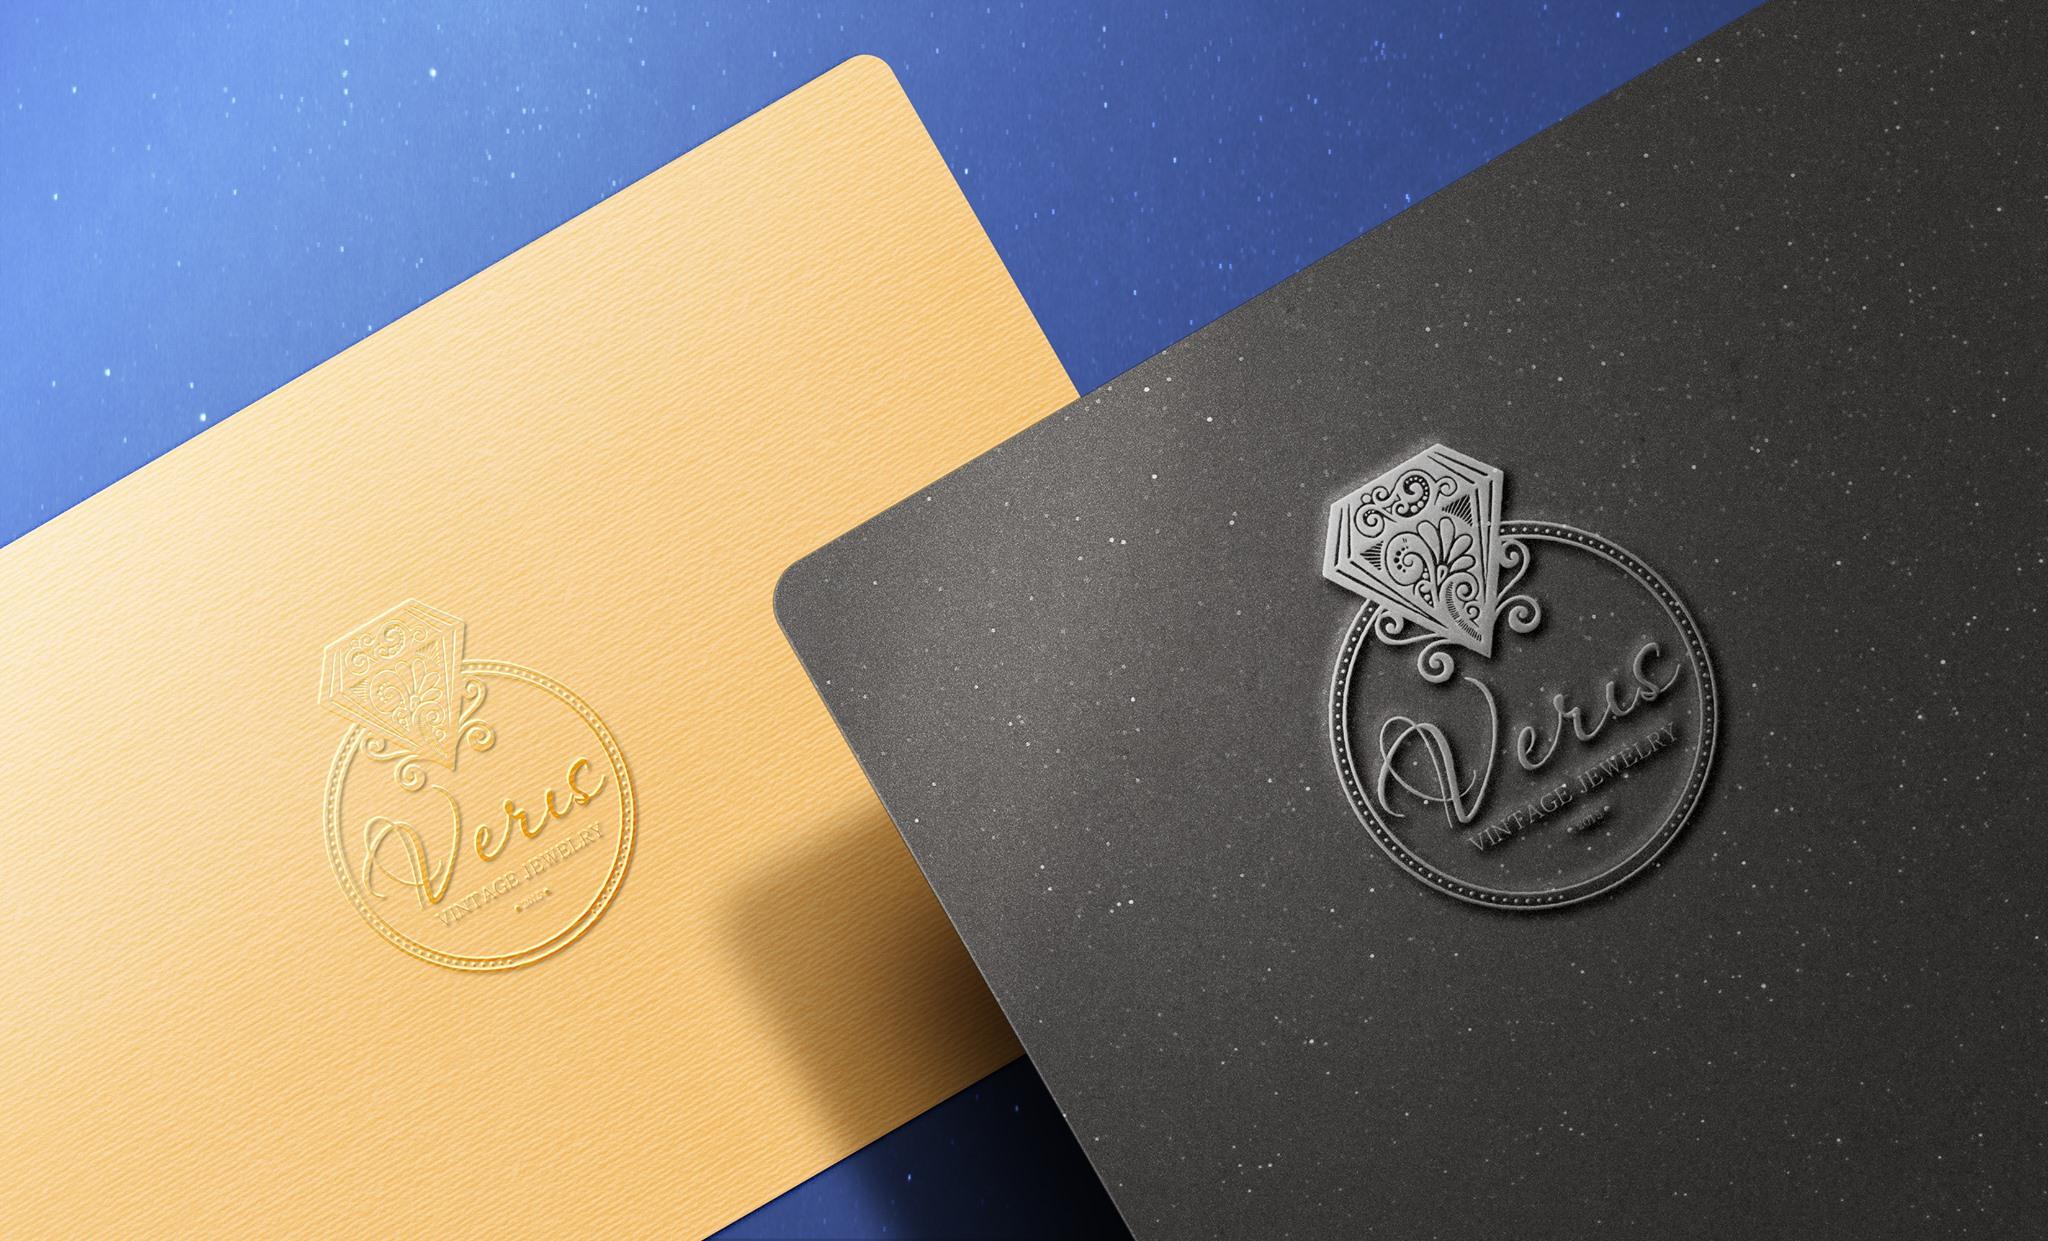 b33759236be8  дизайн  логотипа для магазина ювелирных изделий. Автор  SOLONSKYI BRAND  DESIGN Личный сайт и работы http   www.osdesignpro.com